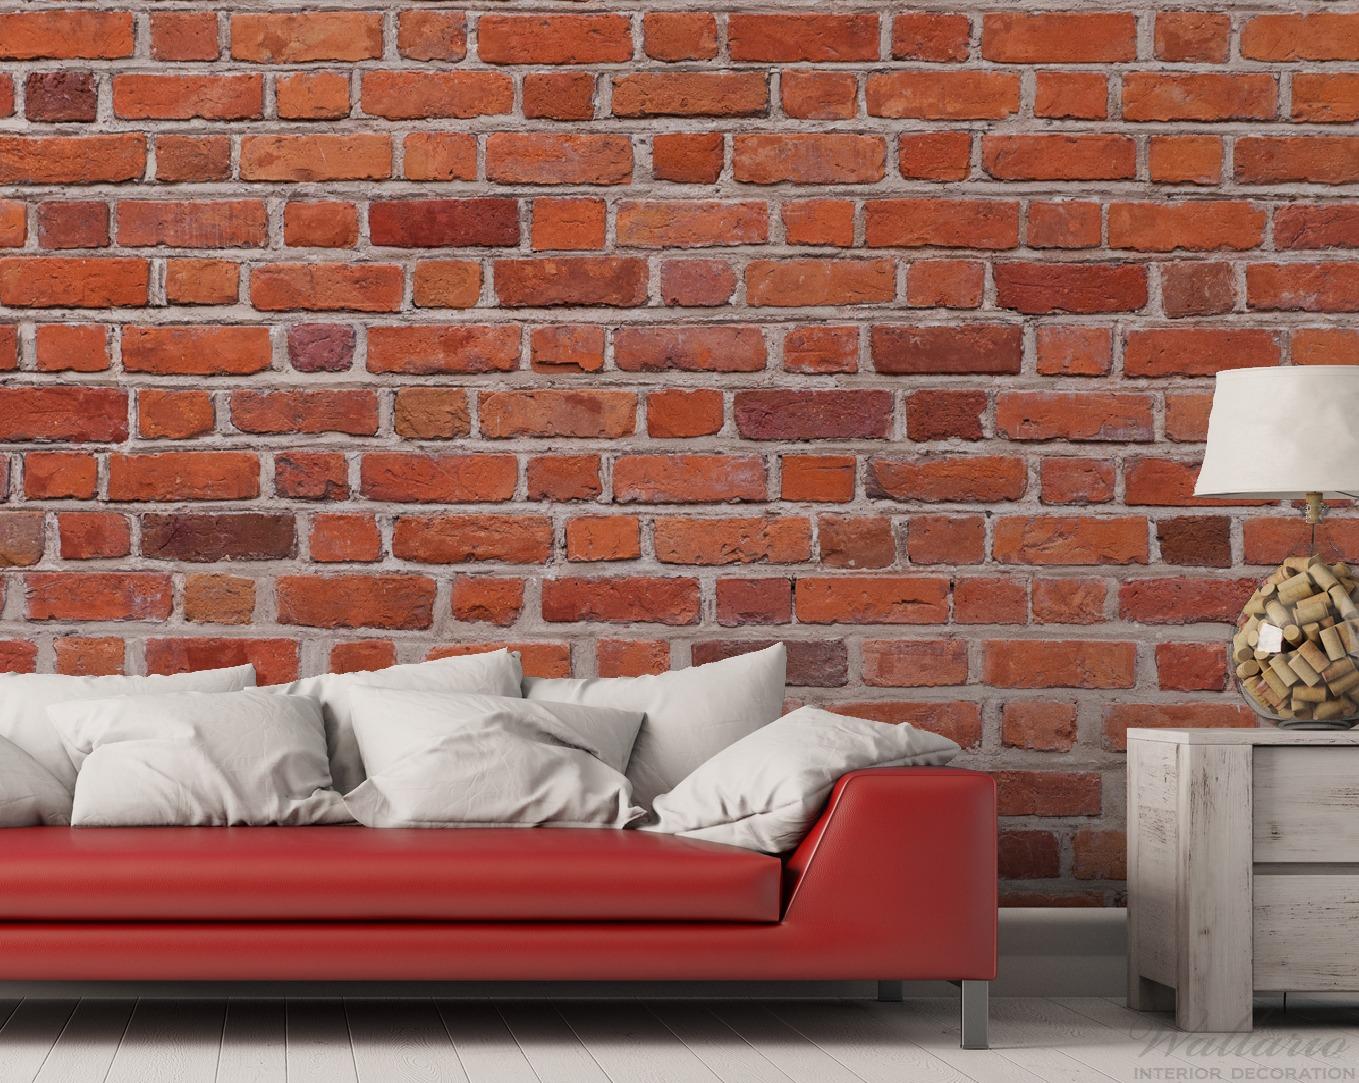 Vliestapete Rote Ziegelsteinwand - Backsteine – Bild 2